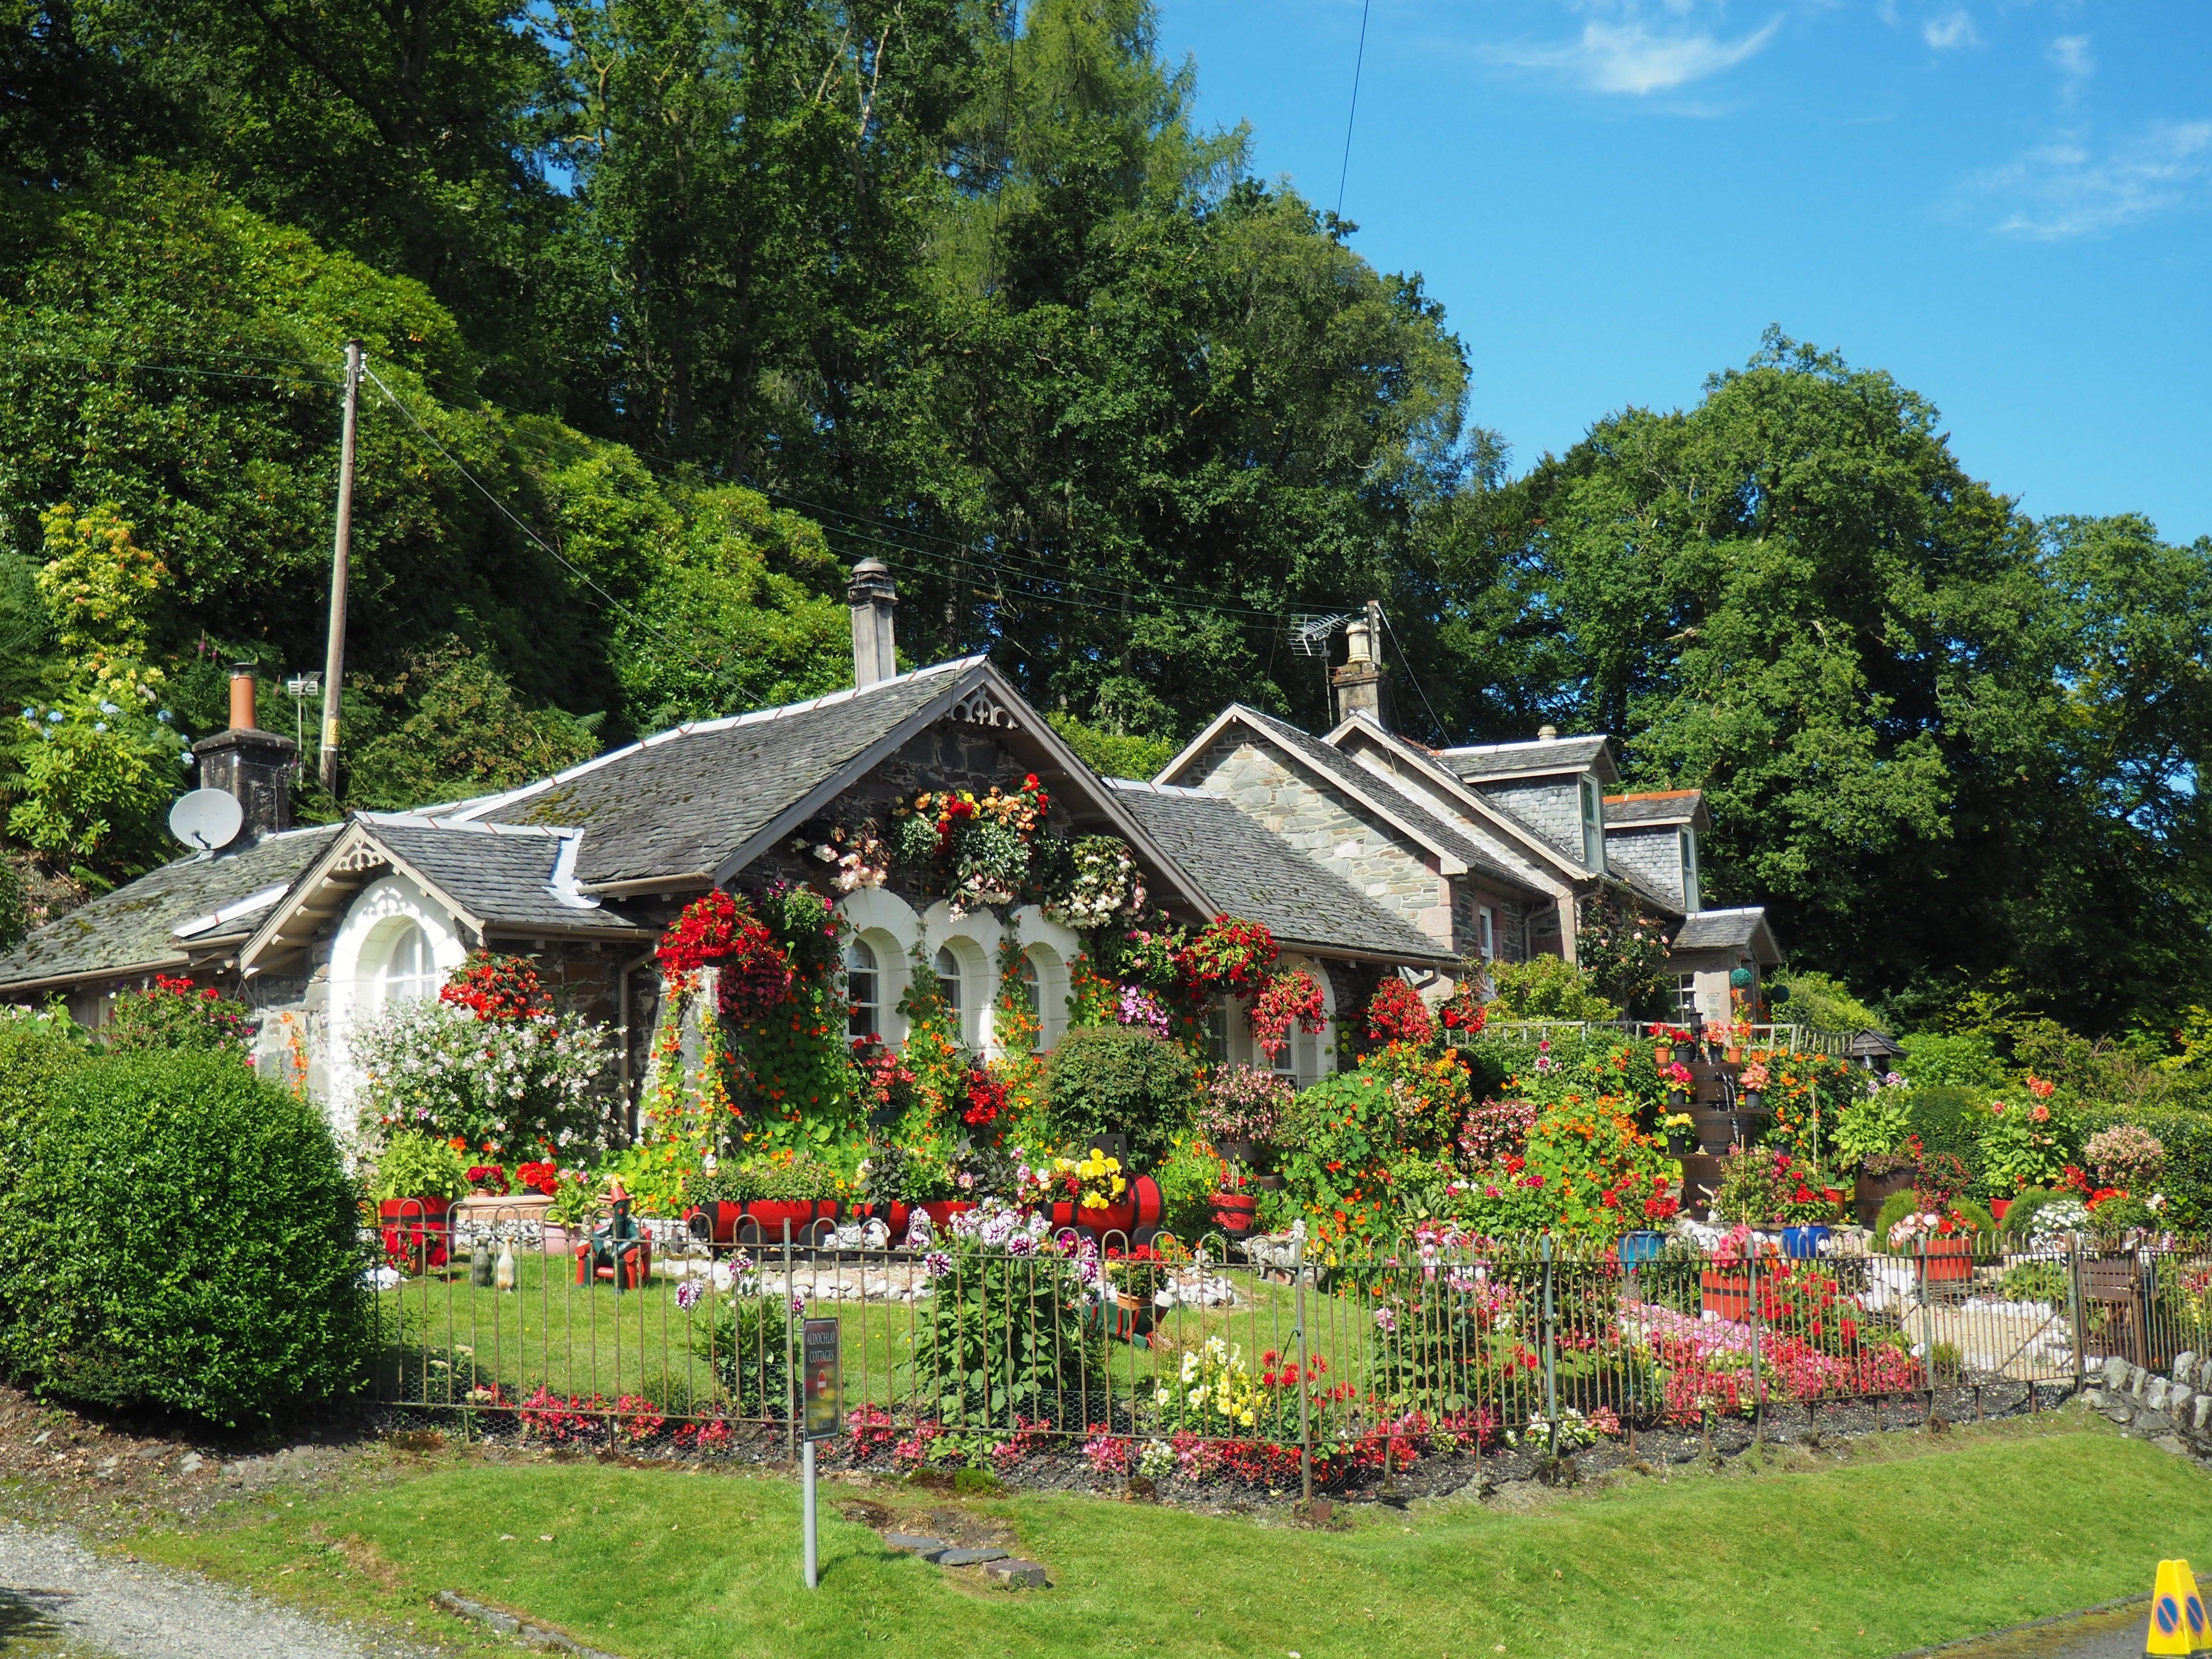 Garden Cottage Garden Design Companion Planting Garden Photography